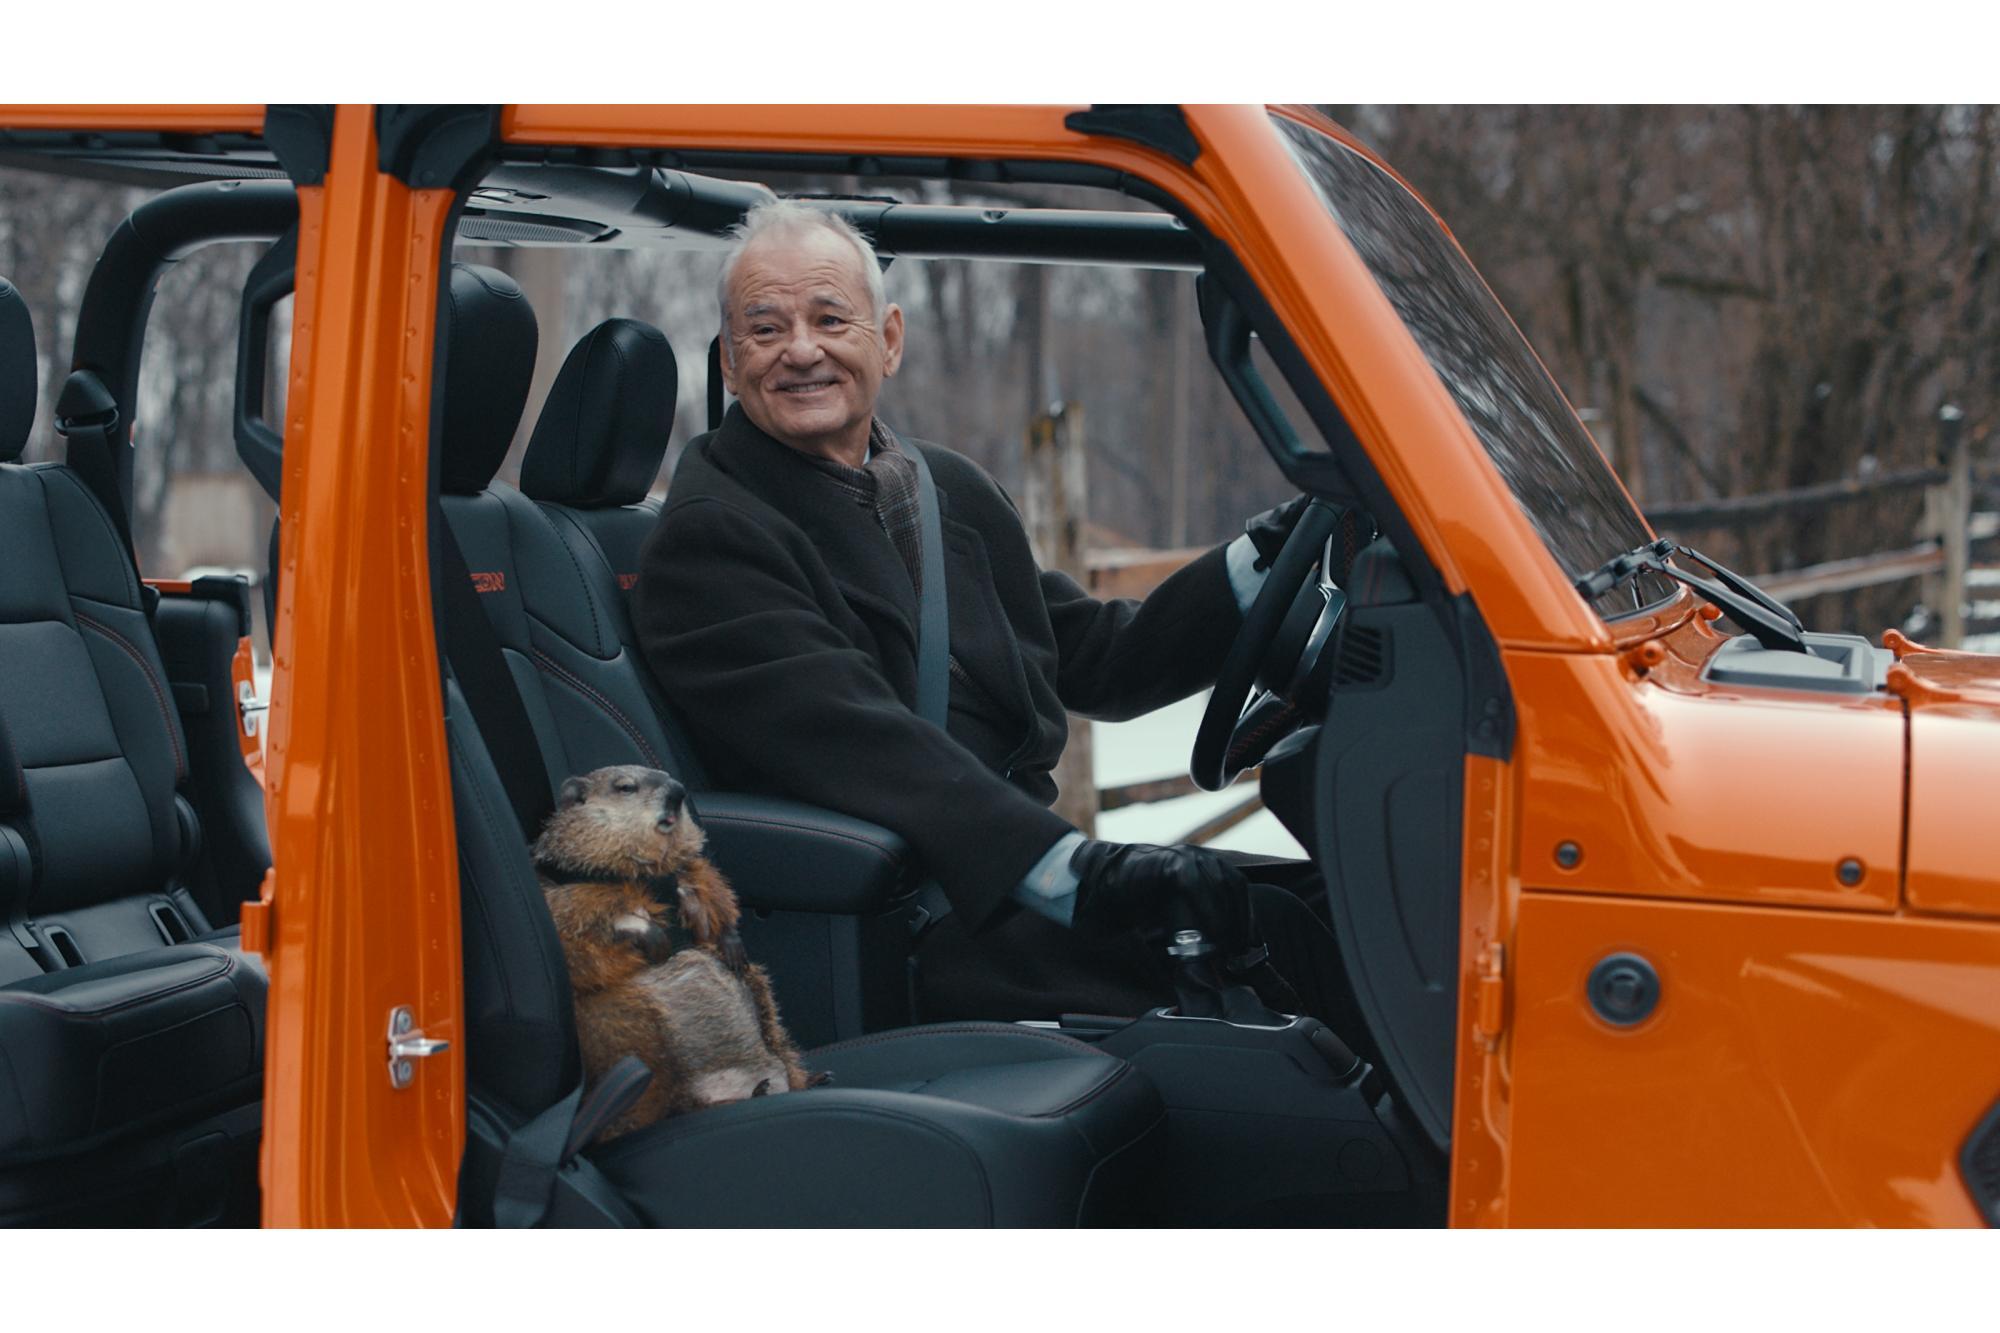 «Η Μέρα της Μαρμότας» με το Jeep Gladiator ξεπερνά τα 104 εκατομμύρια views!